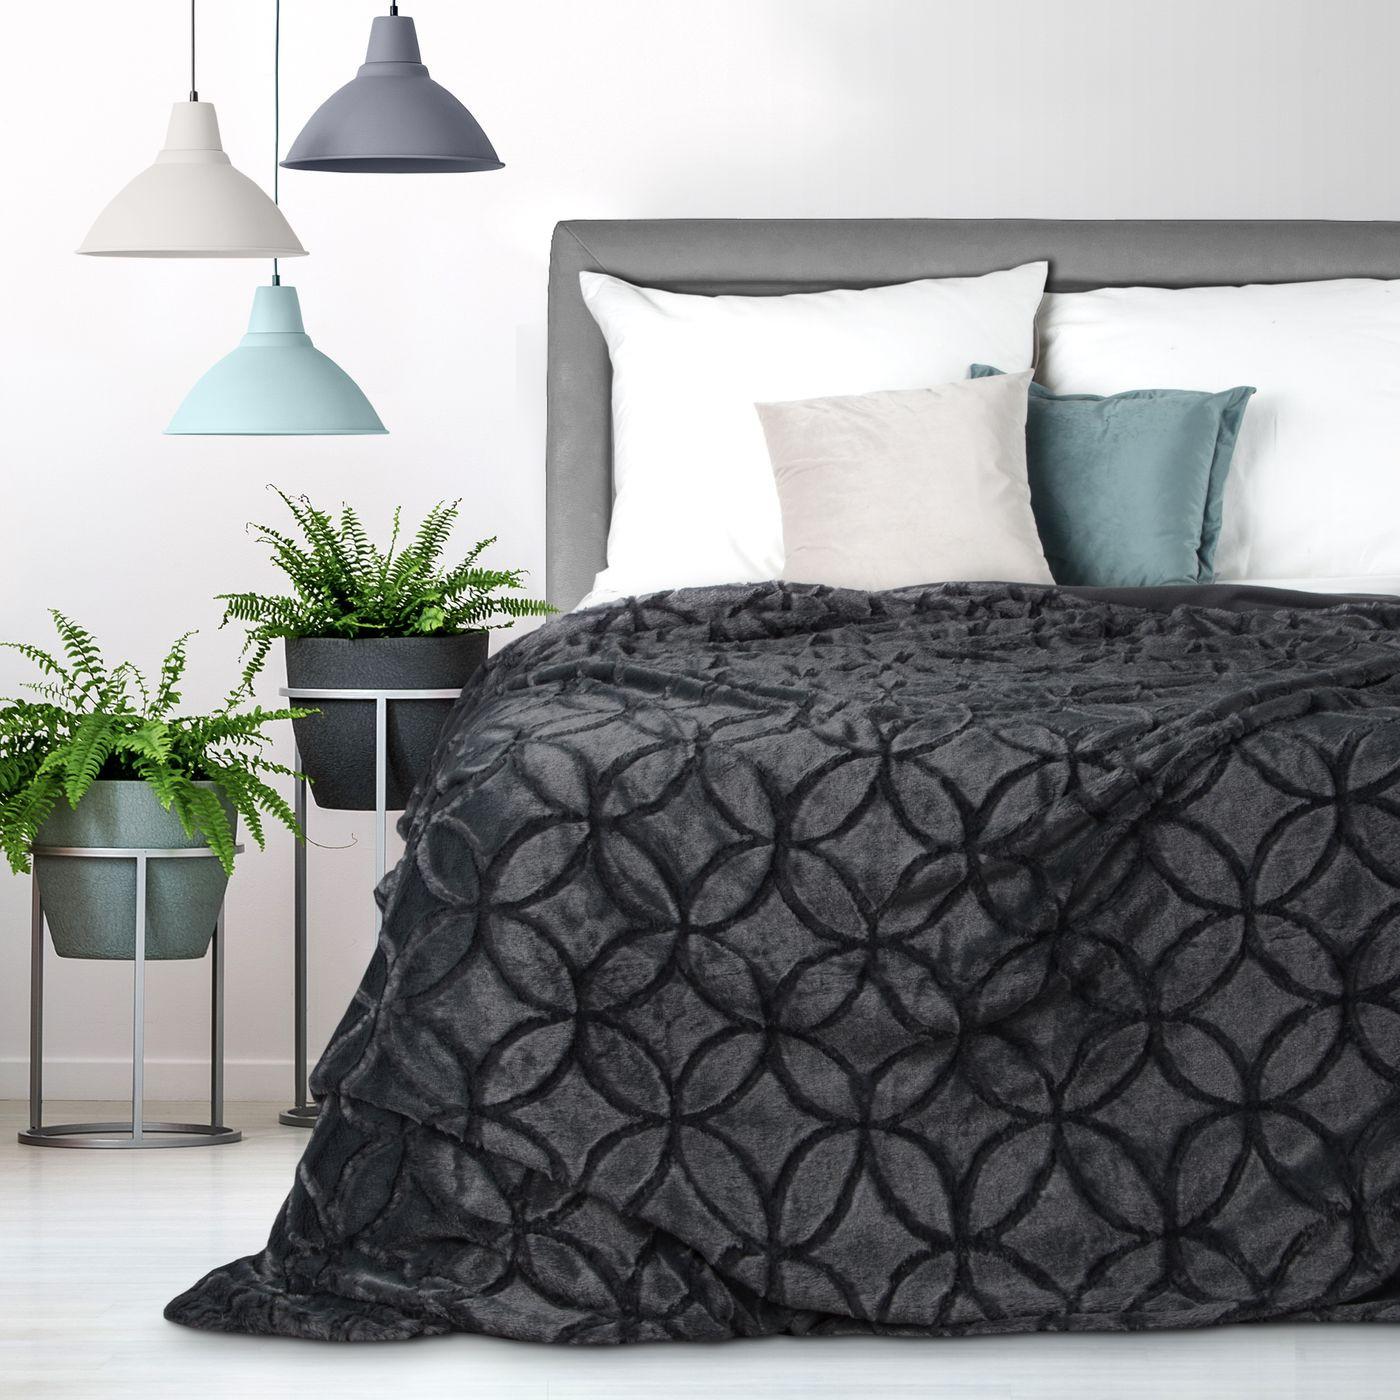 Narzuta futerko na łóżko stalowy szary 170x210 cm